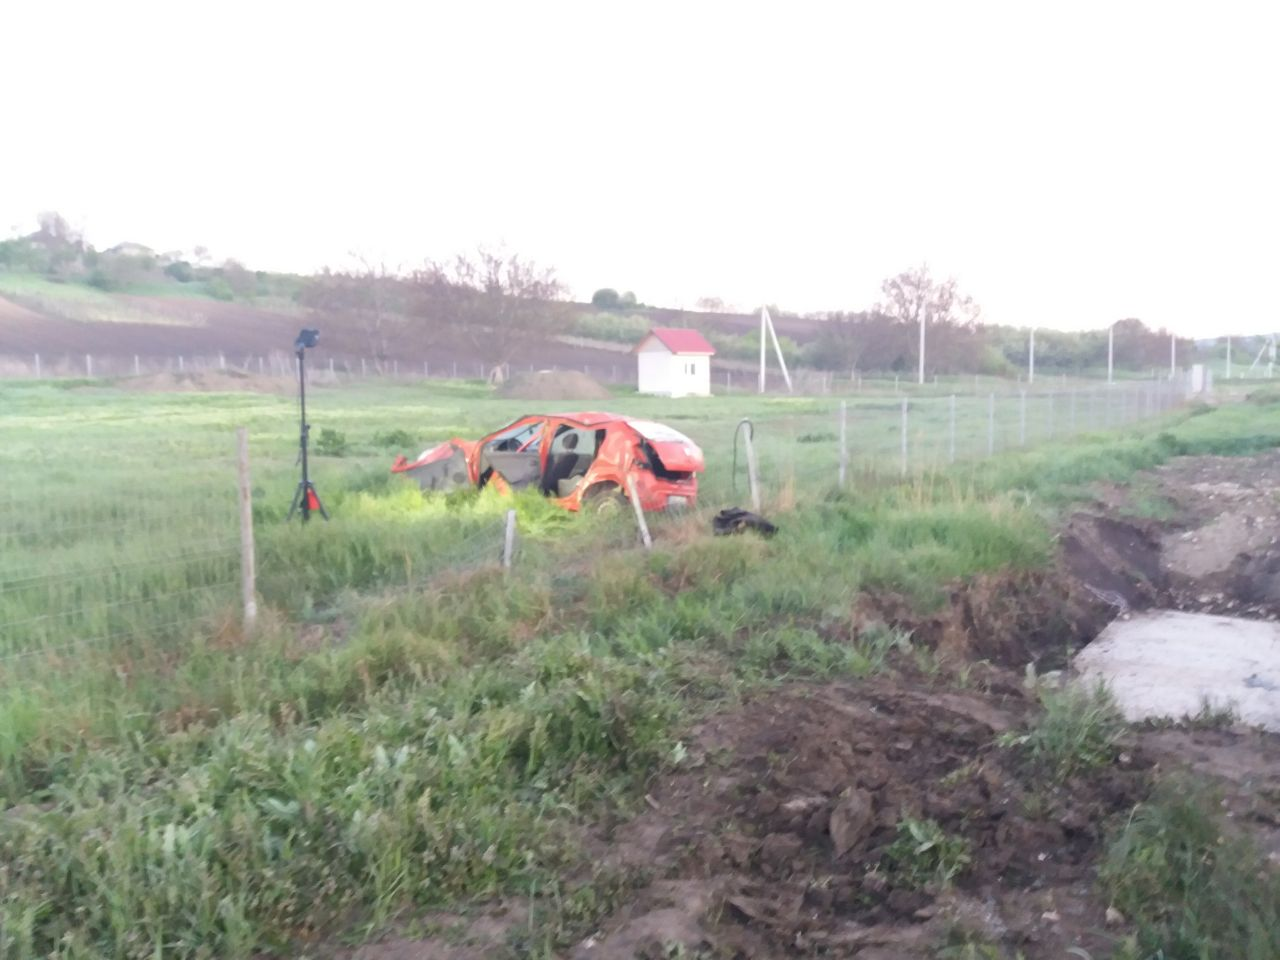 Un tânăr din Nisporeni ar fi urcat la volan în stare de ebrietate și a provocat un accident (FOTO)